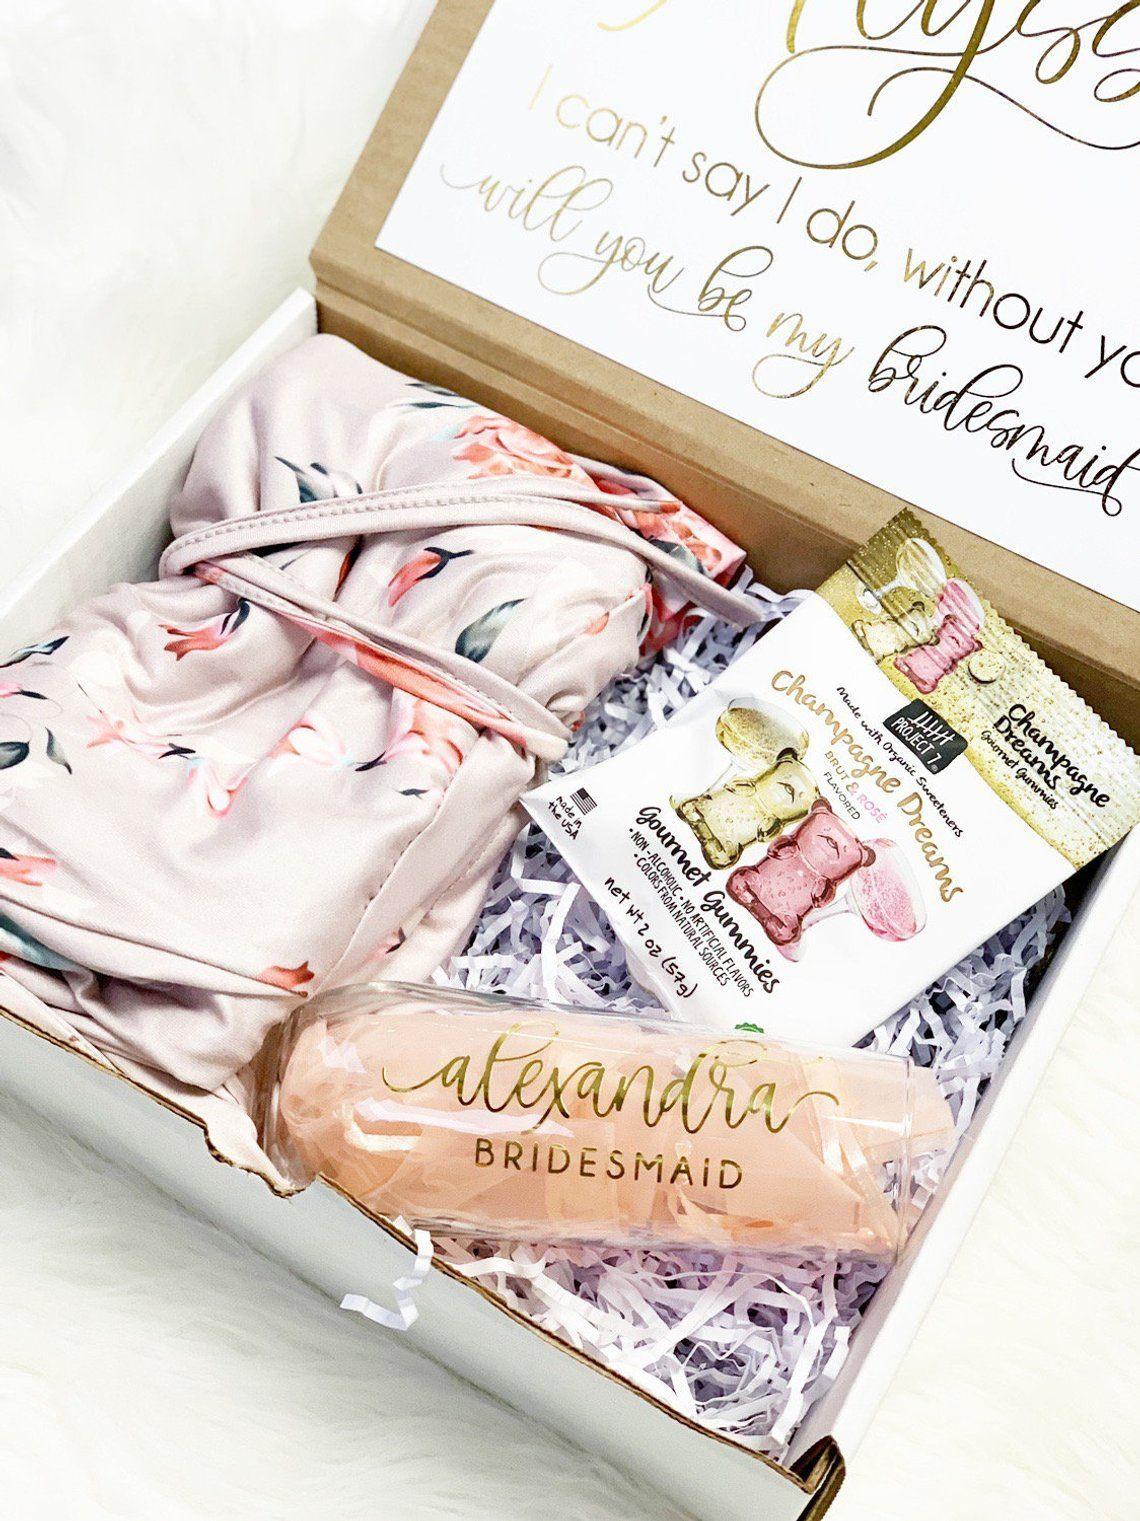 Bridesmaid proposal gift bridesmaid gift box bridesmaid